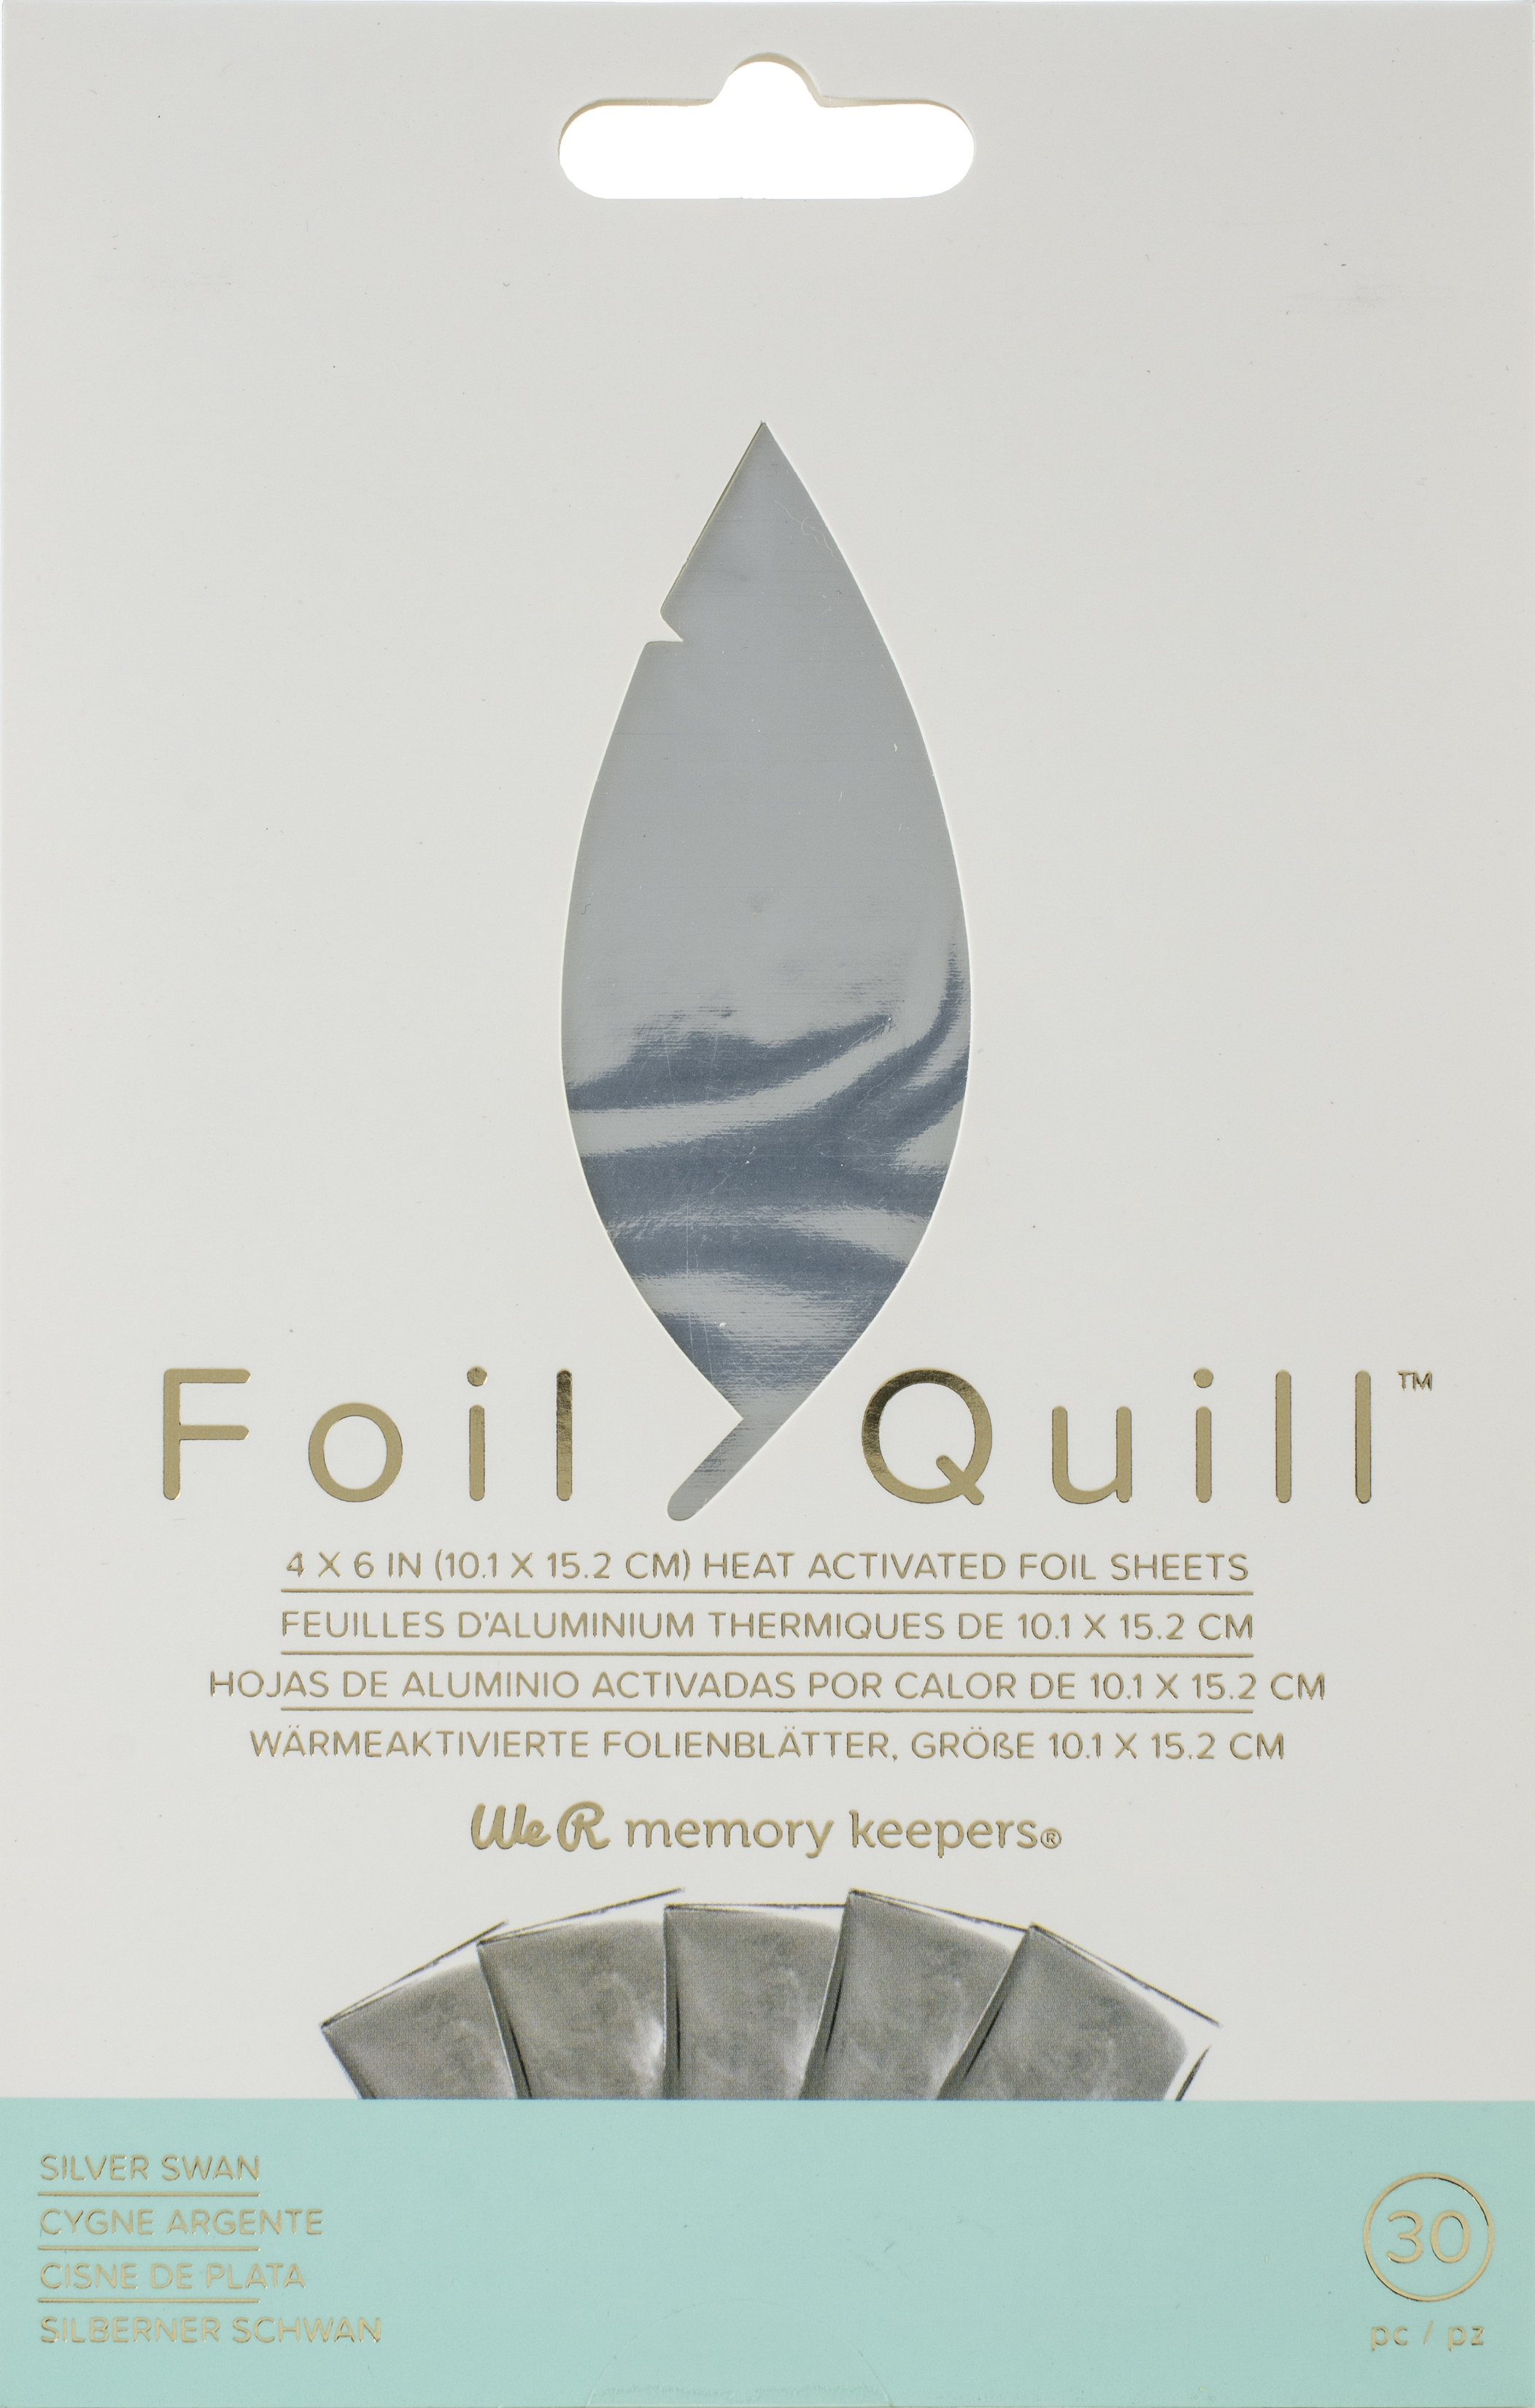 Foil Quill - 4x6 Foil Sheets - Silver Swan, 30/Pkg